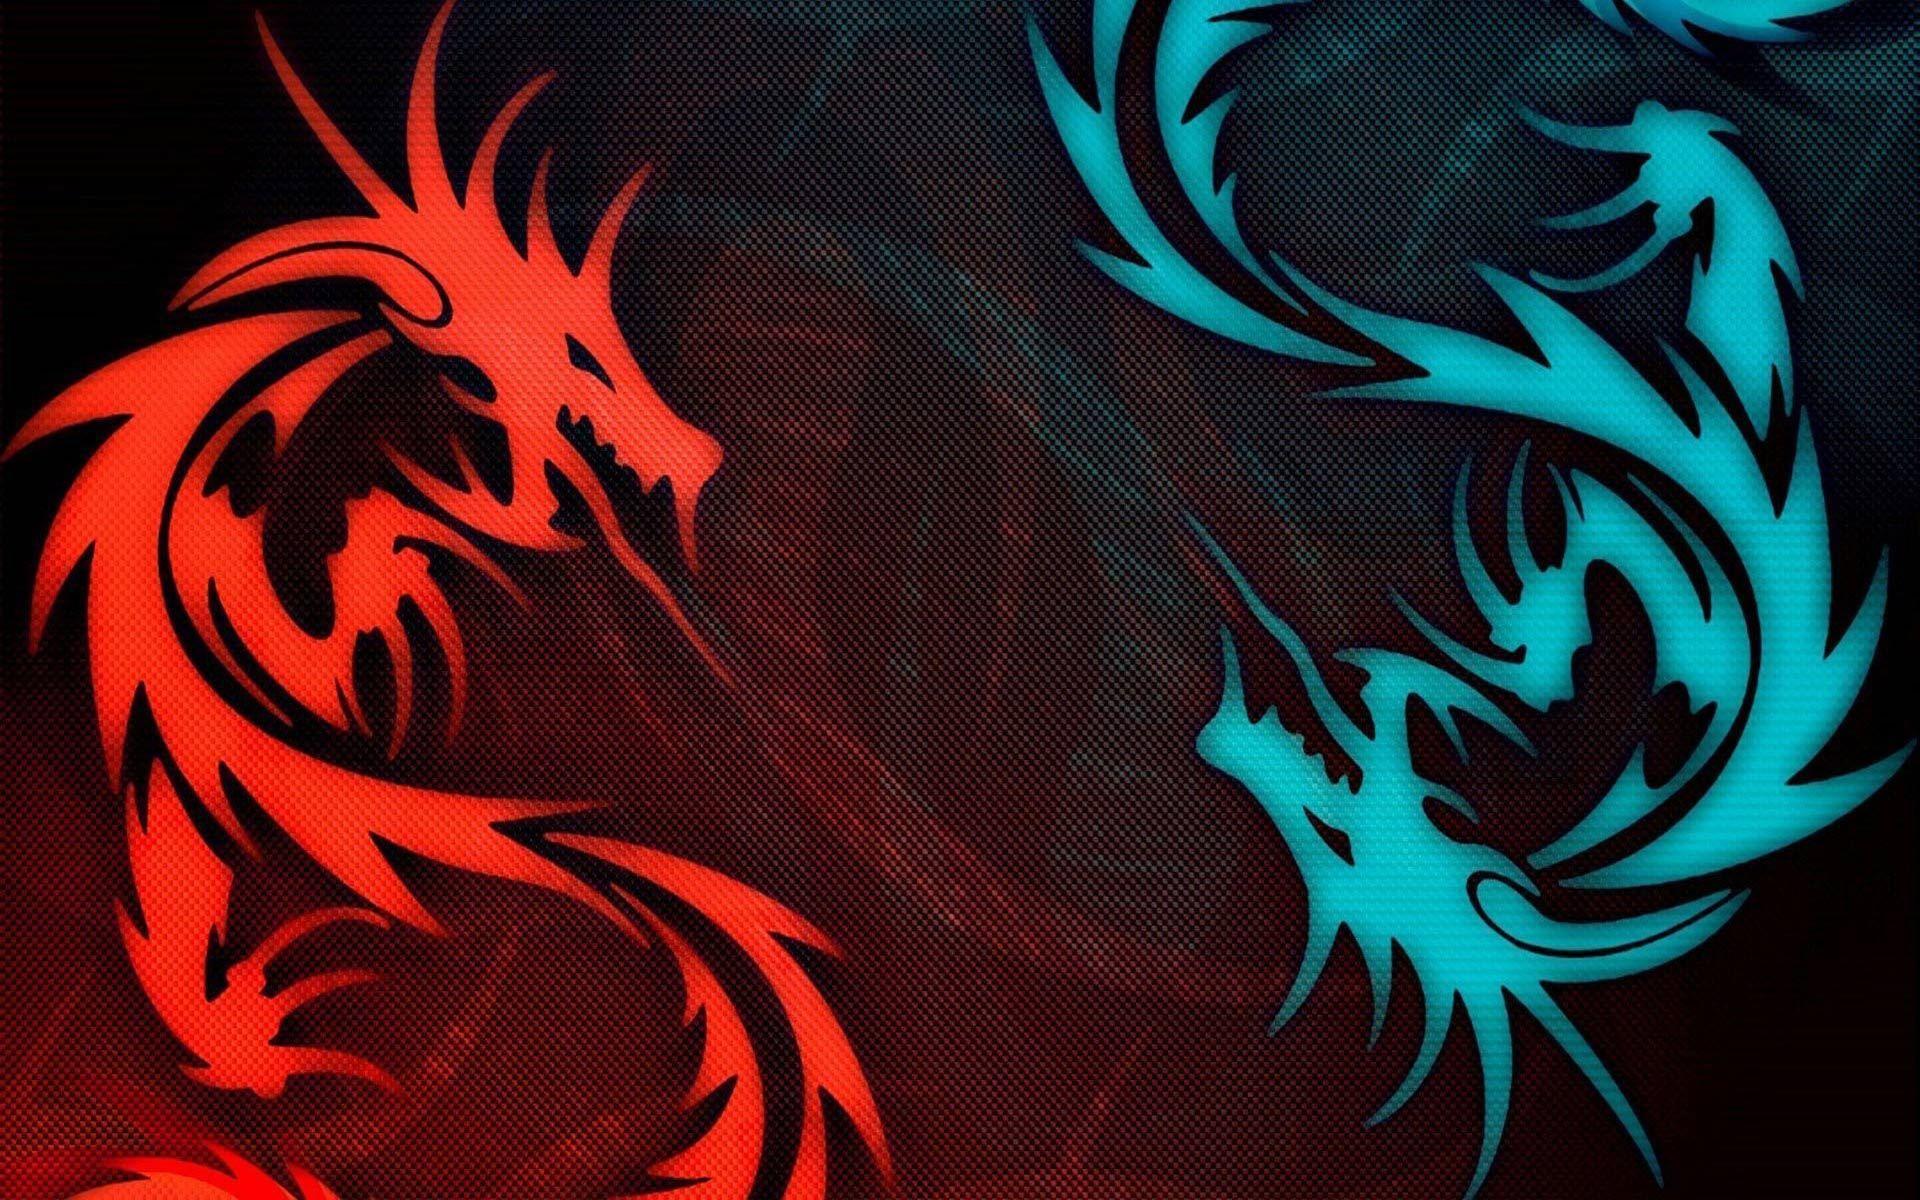 Computer Hd Dragon Wallpapers Wallpaper Cave